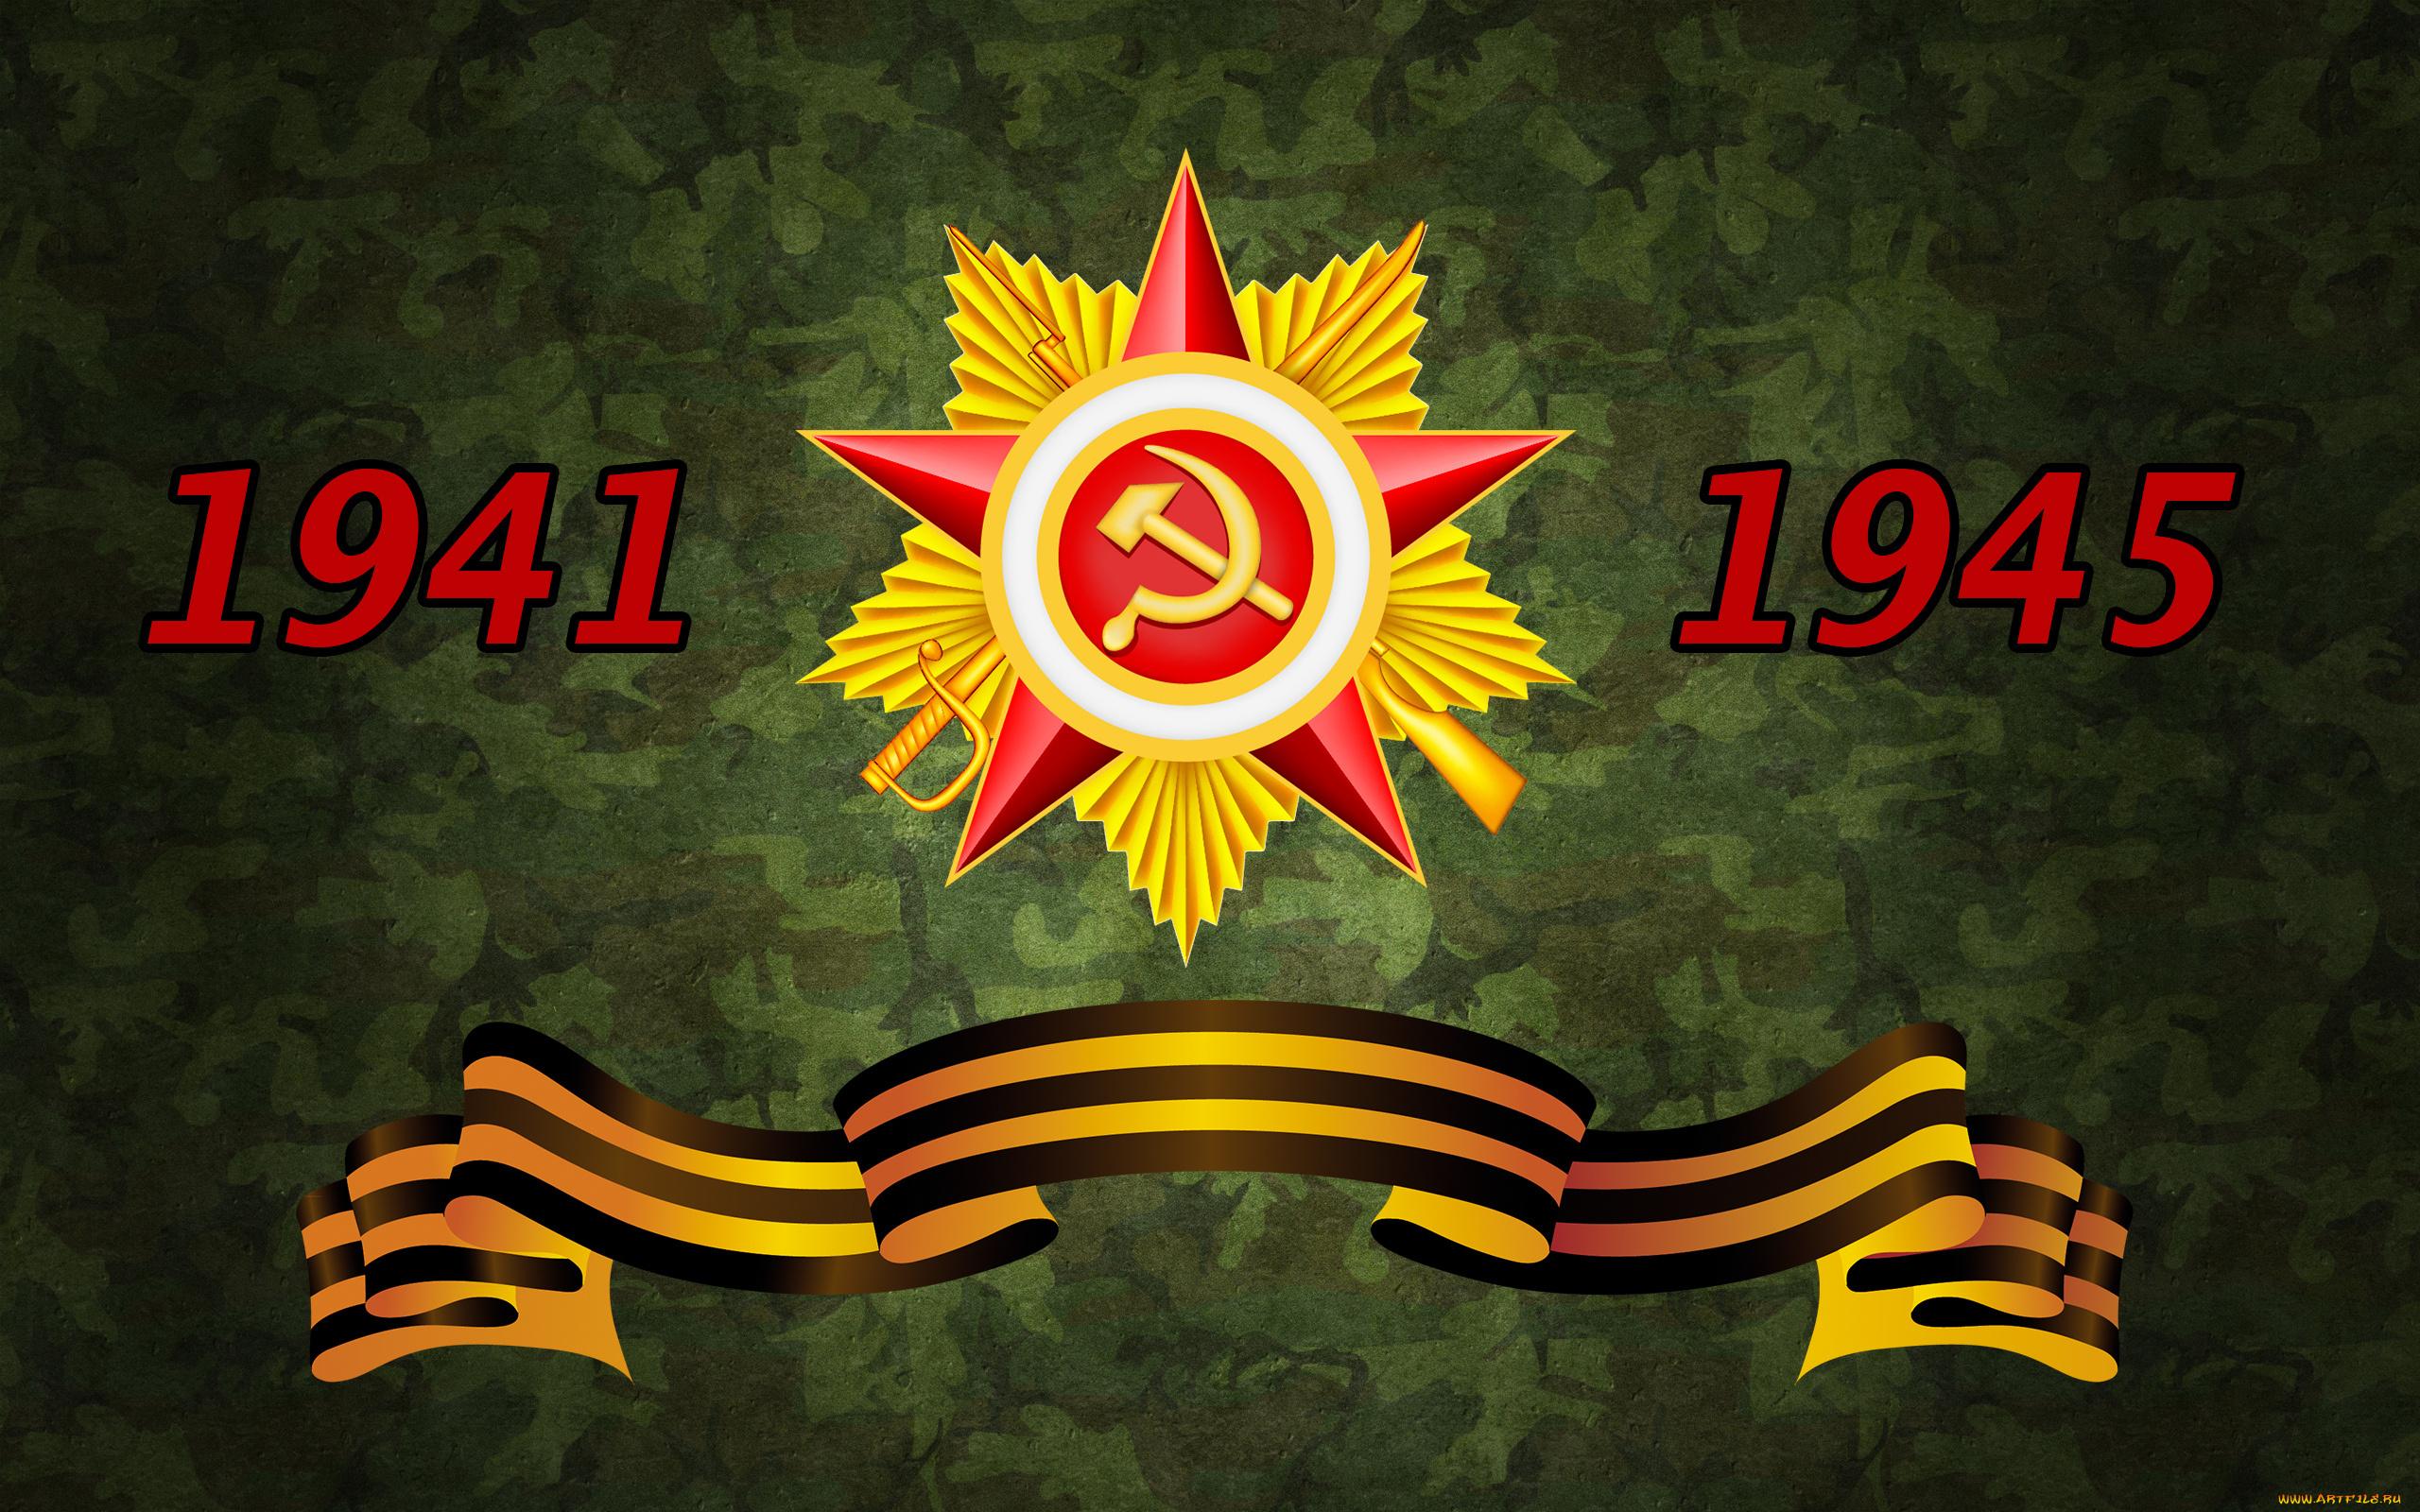 Февраля открытки, открытки к великой отечественной войне 1941-1945